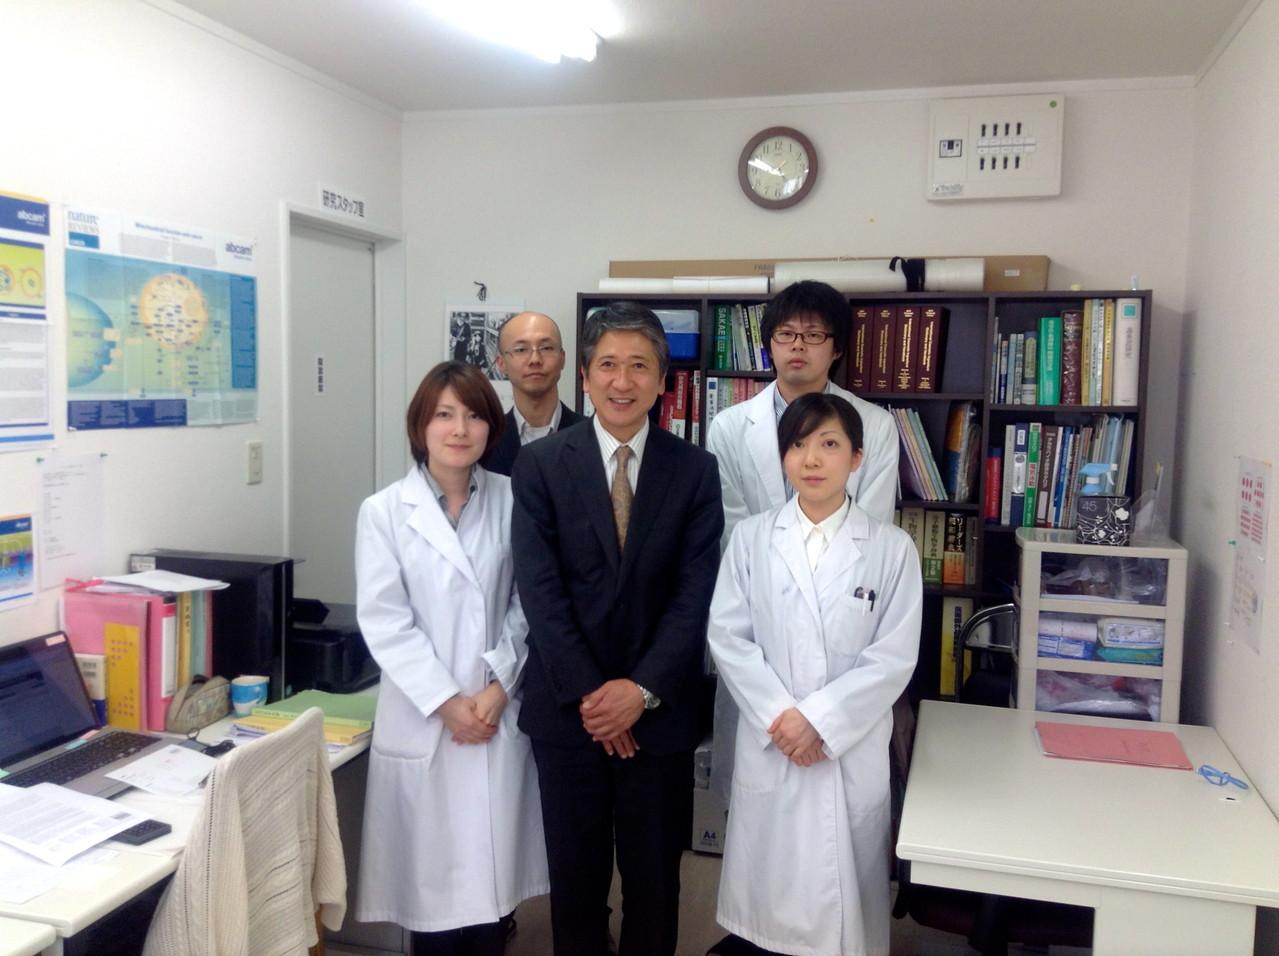 前列左より 御筆研究員 木下 末松研究員 後列左より 加世田博士 岩田研究員